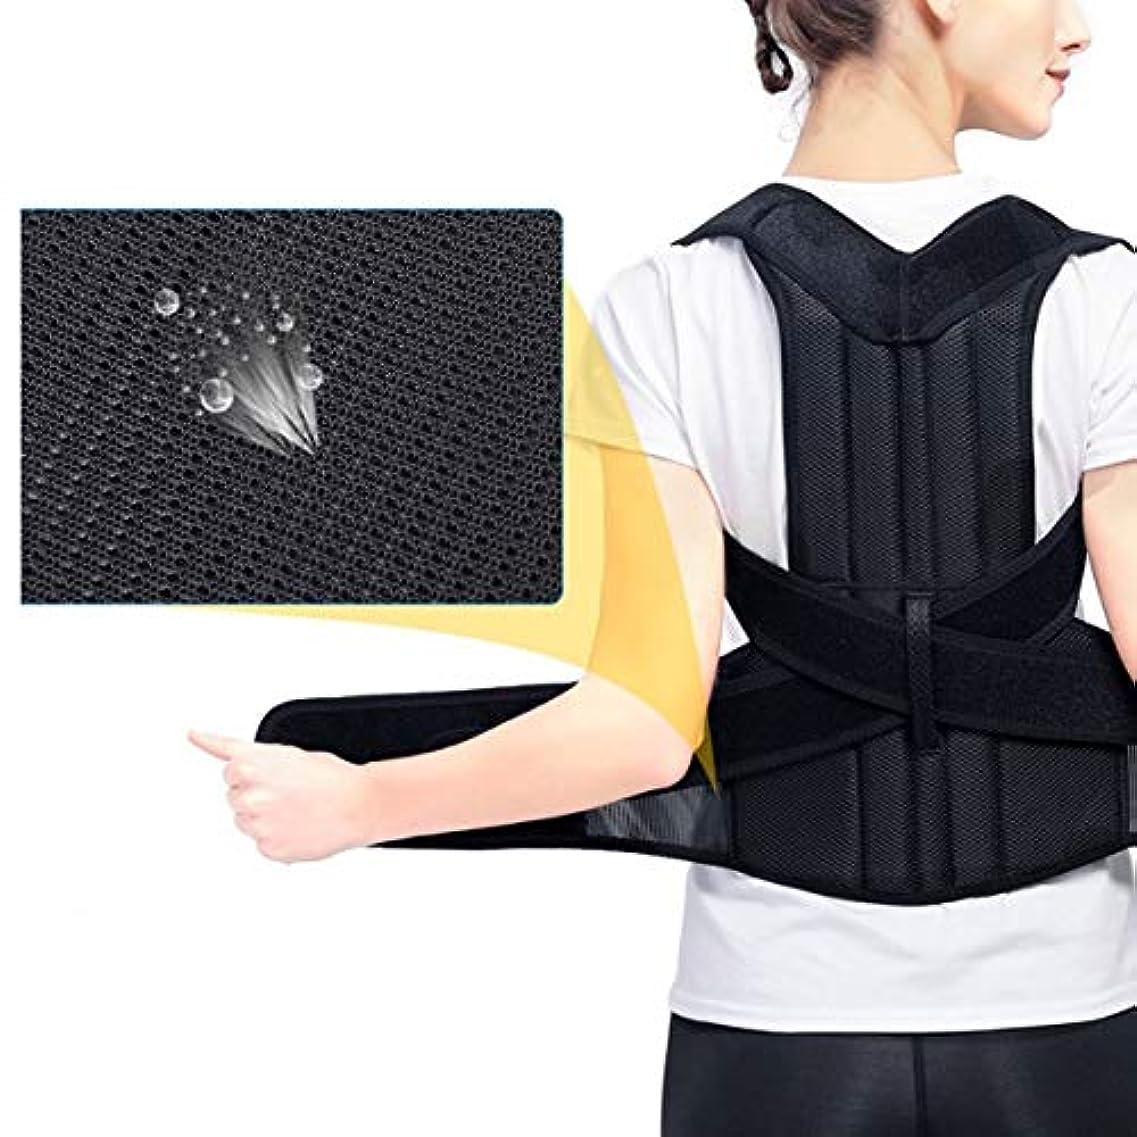 十代かもめ無効腰椎矯正バックブレース背骨装具側弯症腰椎サポート脊椎湾曲装具固定用姿勢 - 黒